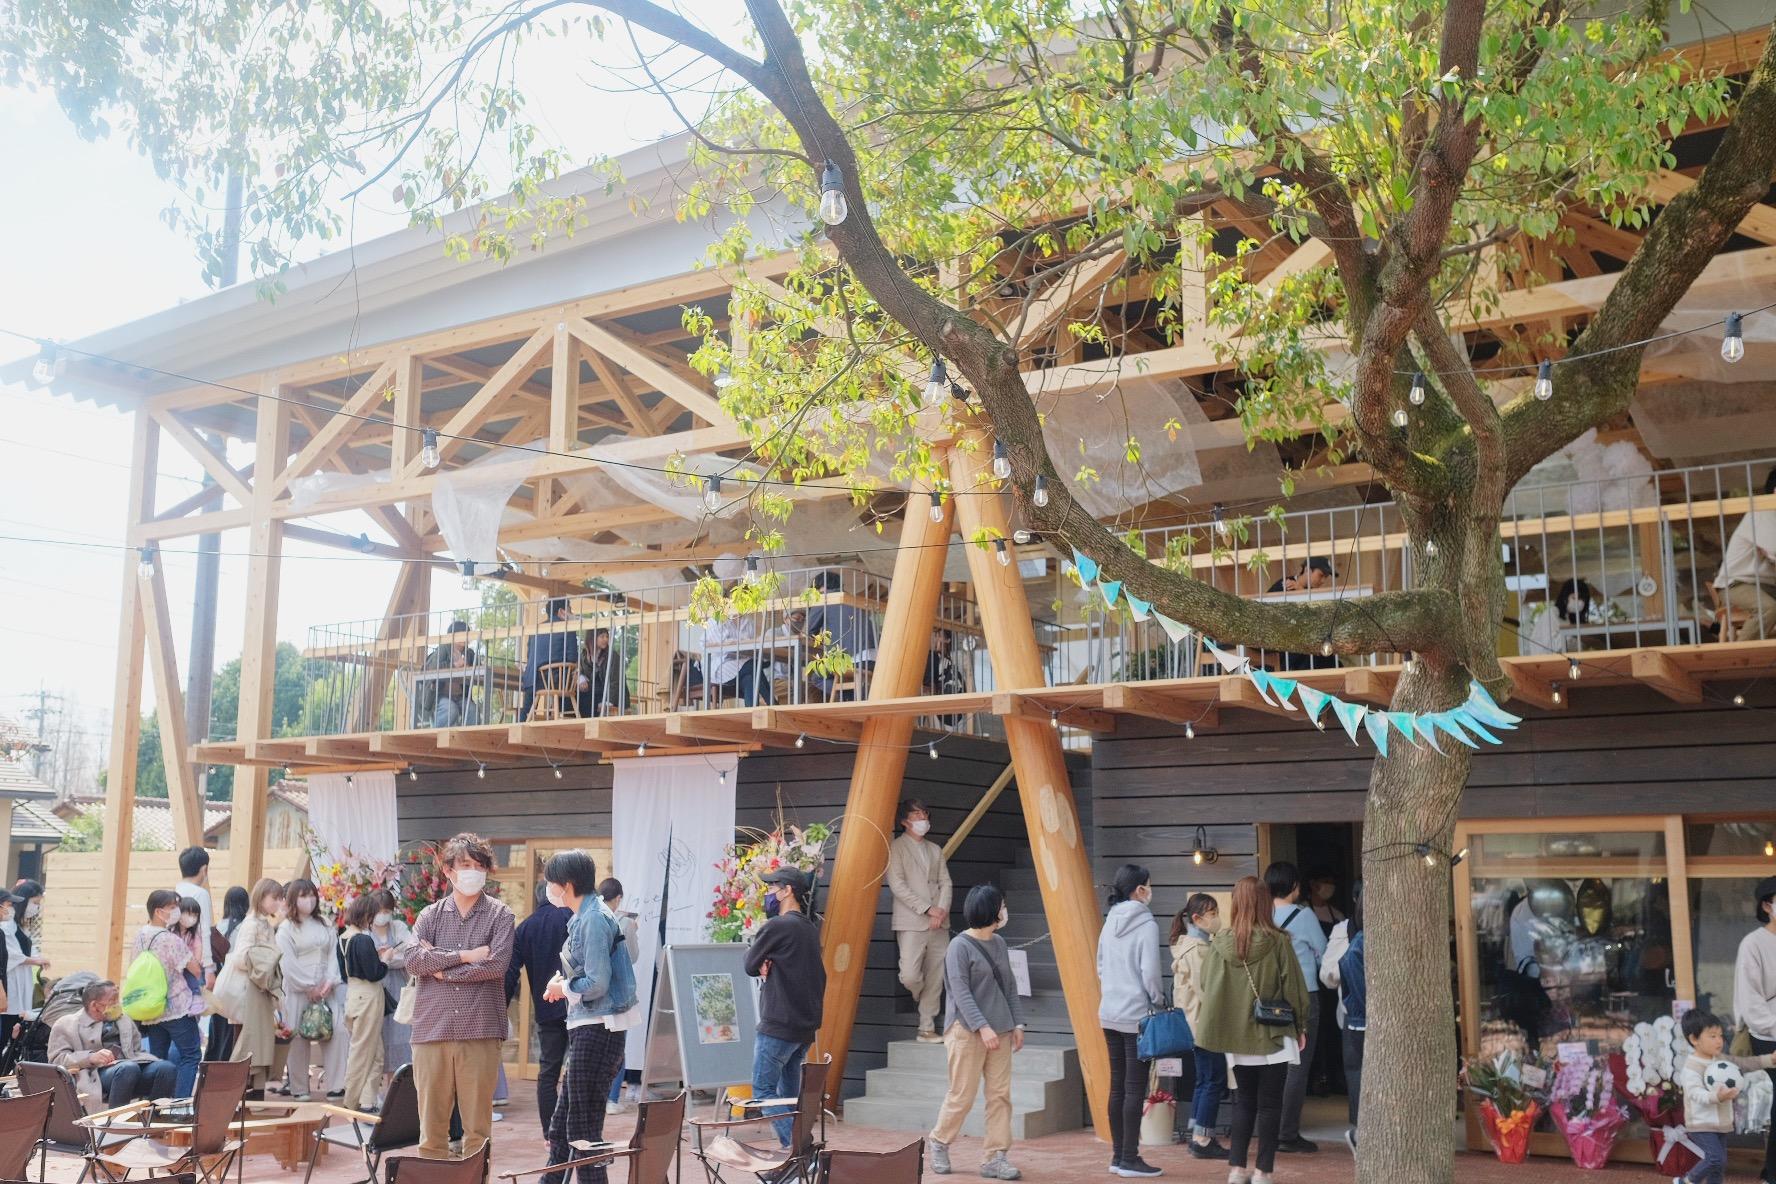 岐阜に「KAKAMIGAHARA PARK BRIDGE(カカミガハラ パーク ブリッジ)」が誕生!気になる公園の魅力をレポート - image2 1